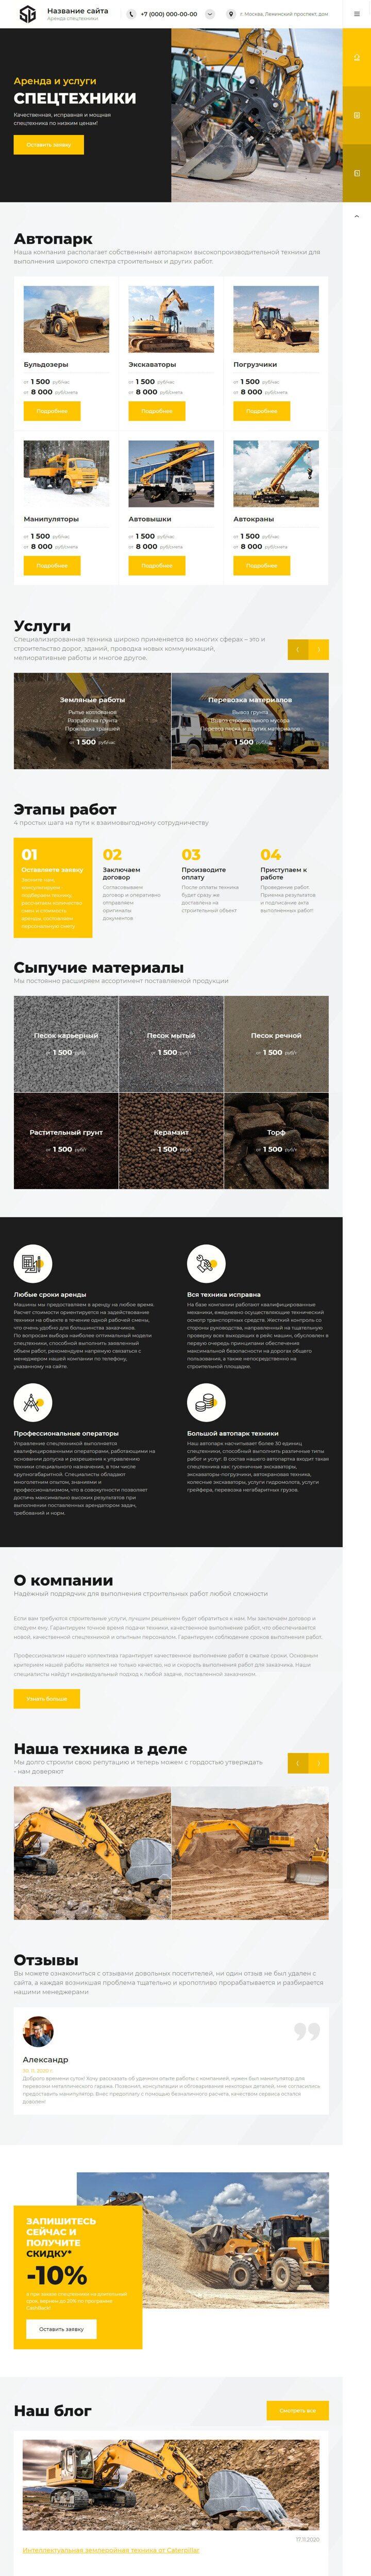 Готовый Сайт-Бизнес № 2884860 - Сайт аренды спецтехники, сыпучие материалы (Главная 2)